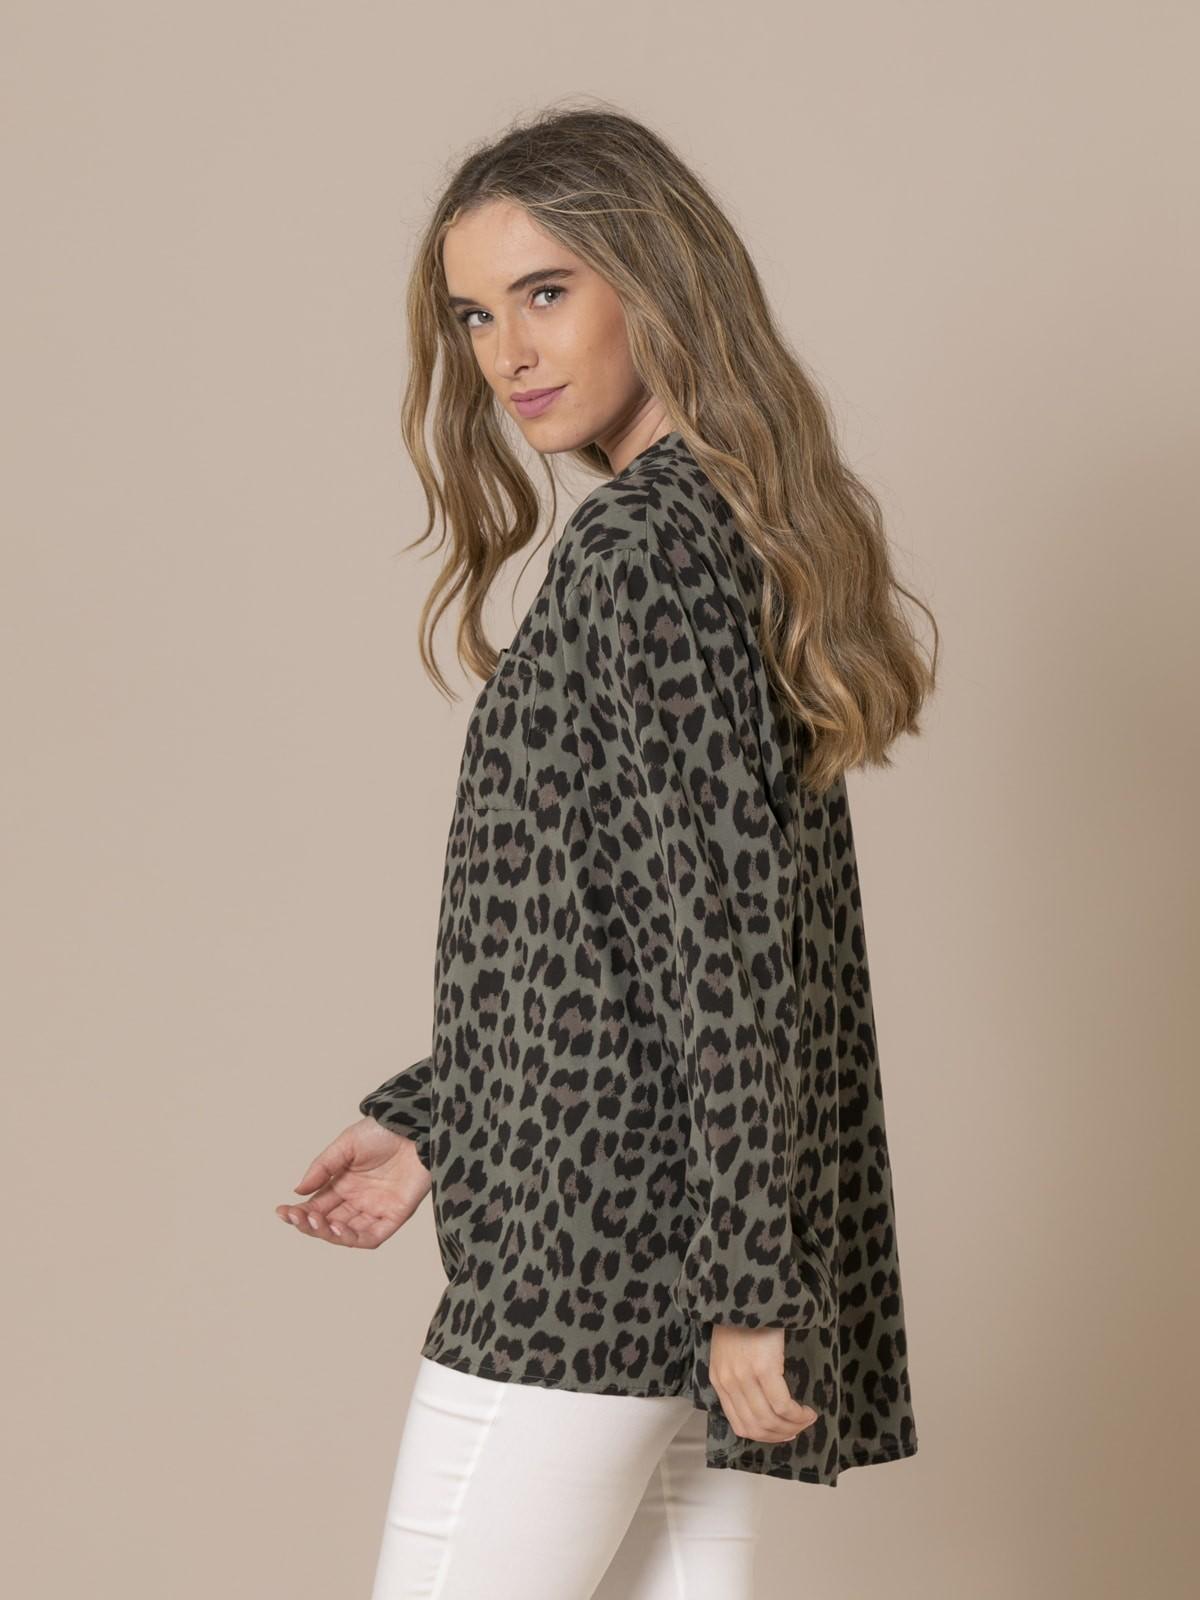 Woman Animal print button shirt Khaki